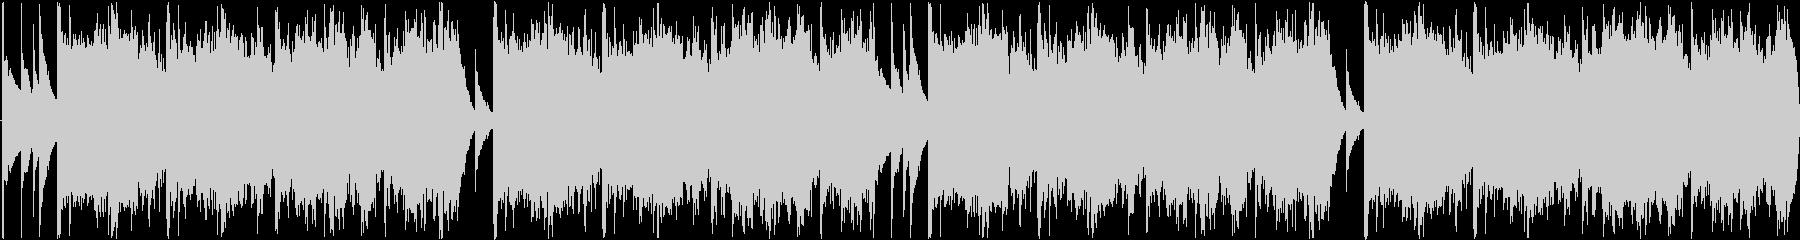 インパクトあるトラディショナルなJazzの未再生の波形